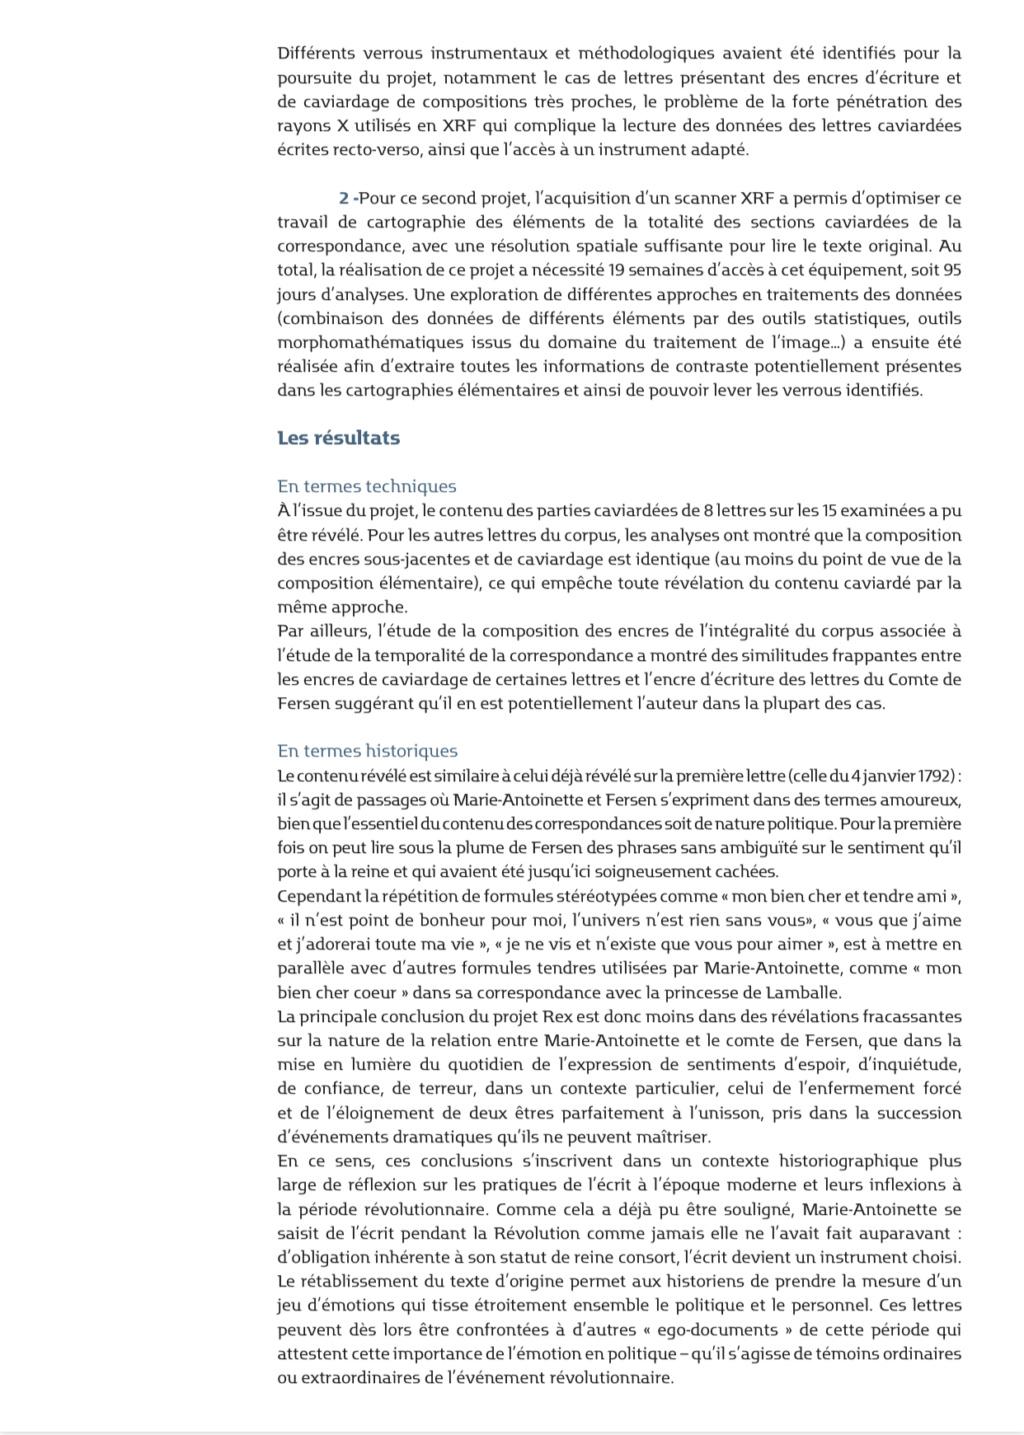 Nouveaux résultats du décaviardage de la correspondance de Marie-Antoinette et Fersen (Archives nationales) - Page 4 B96b3210